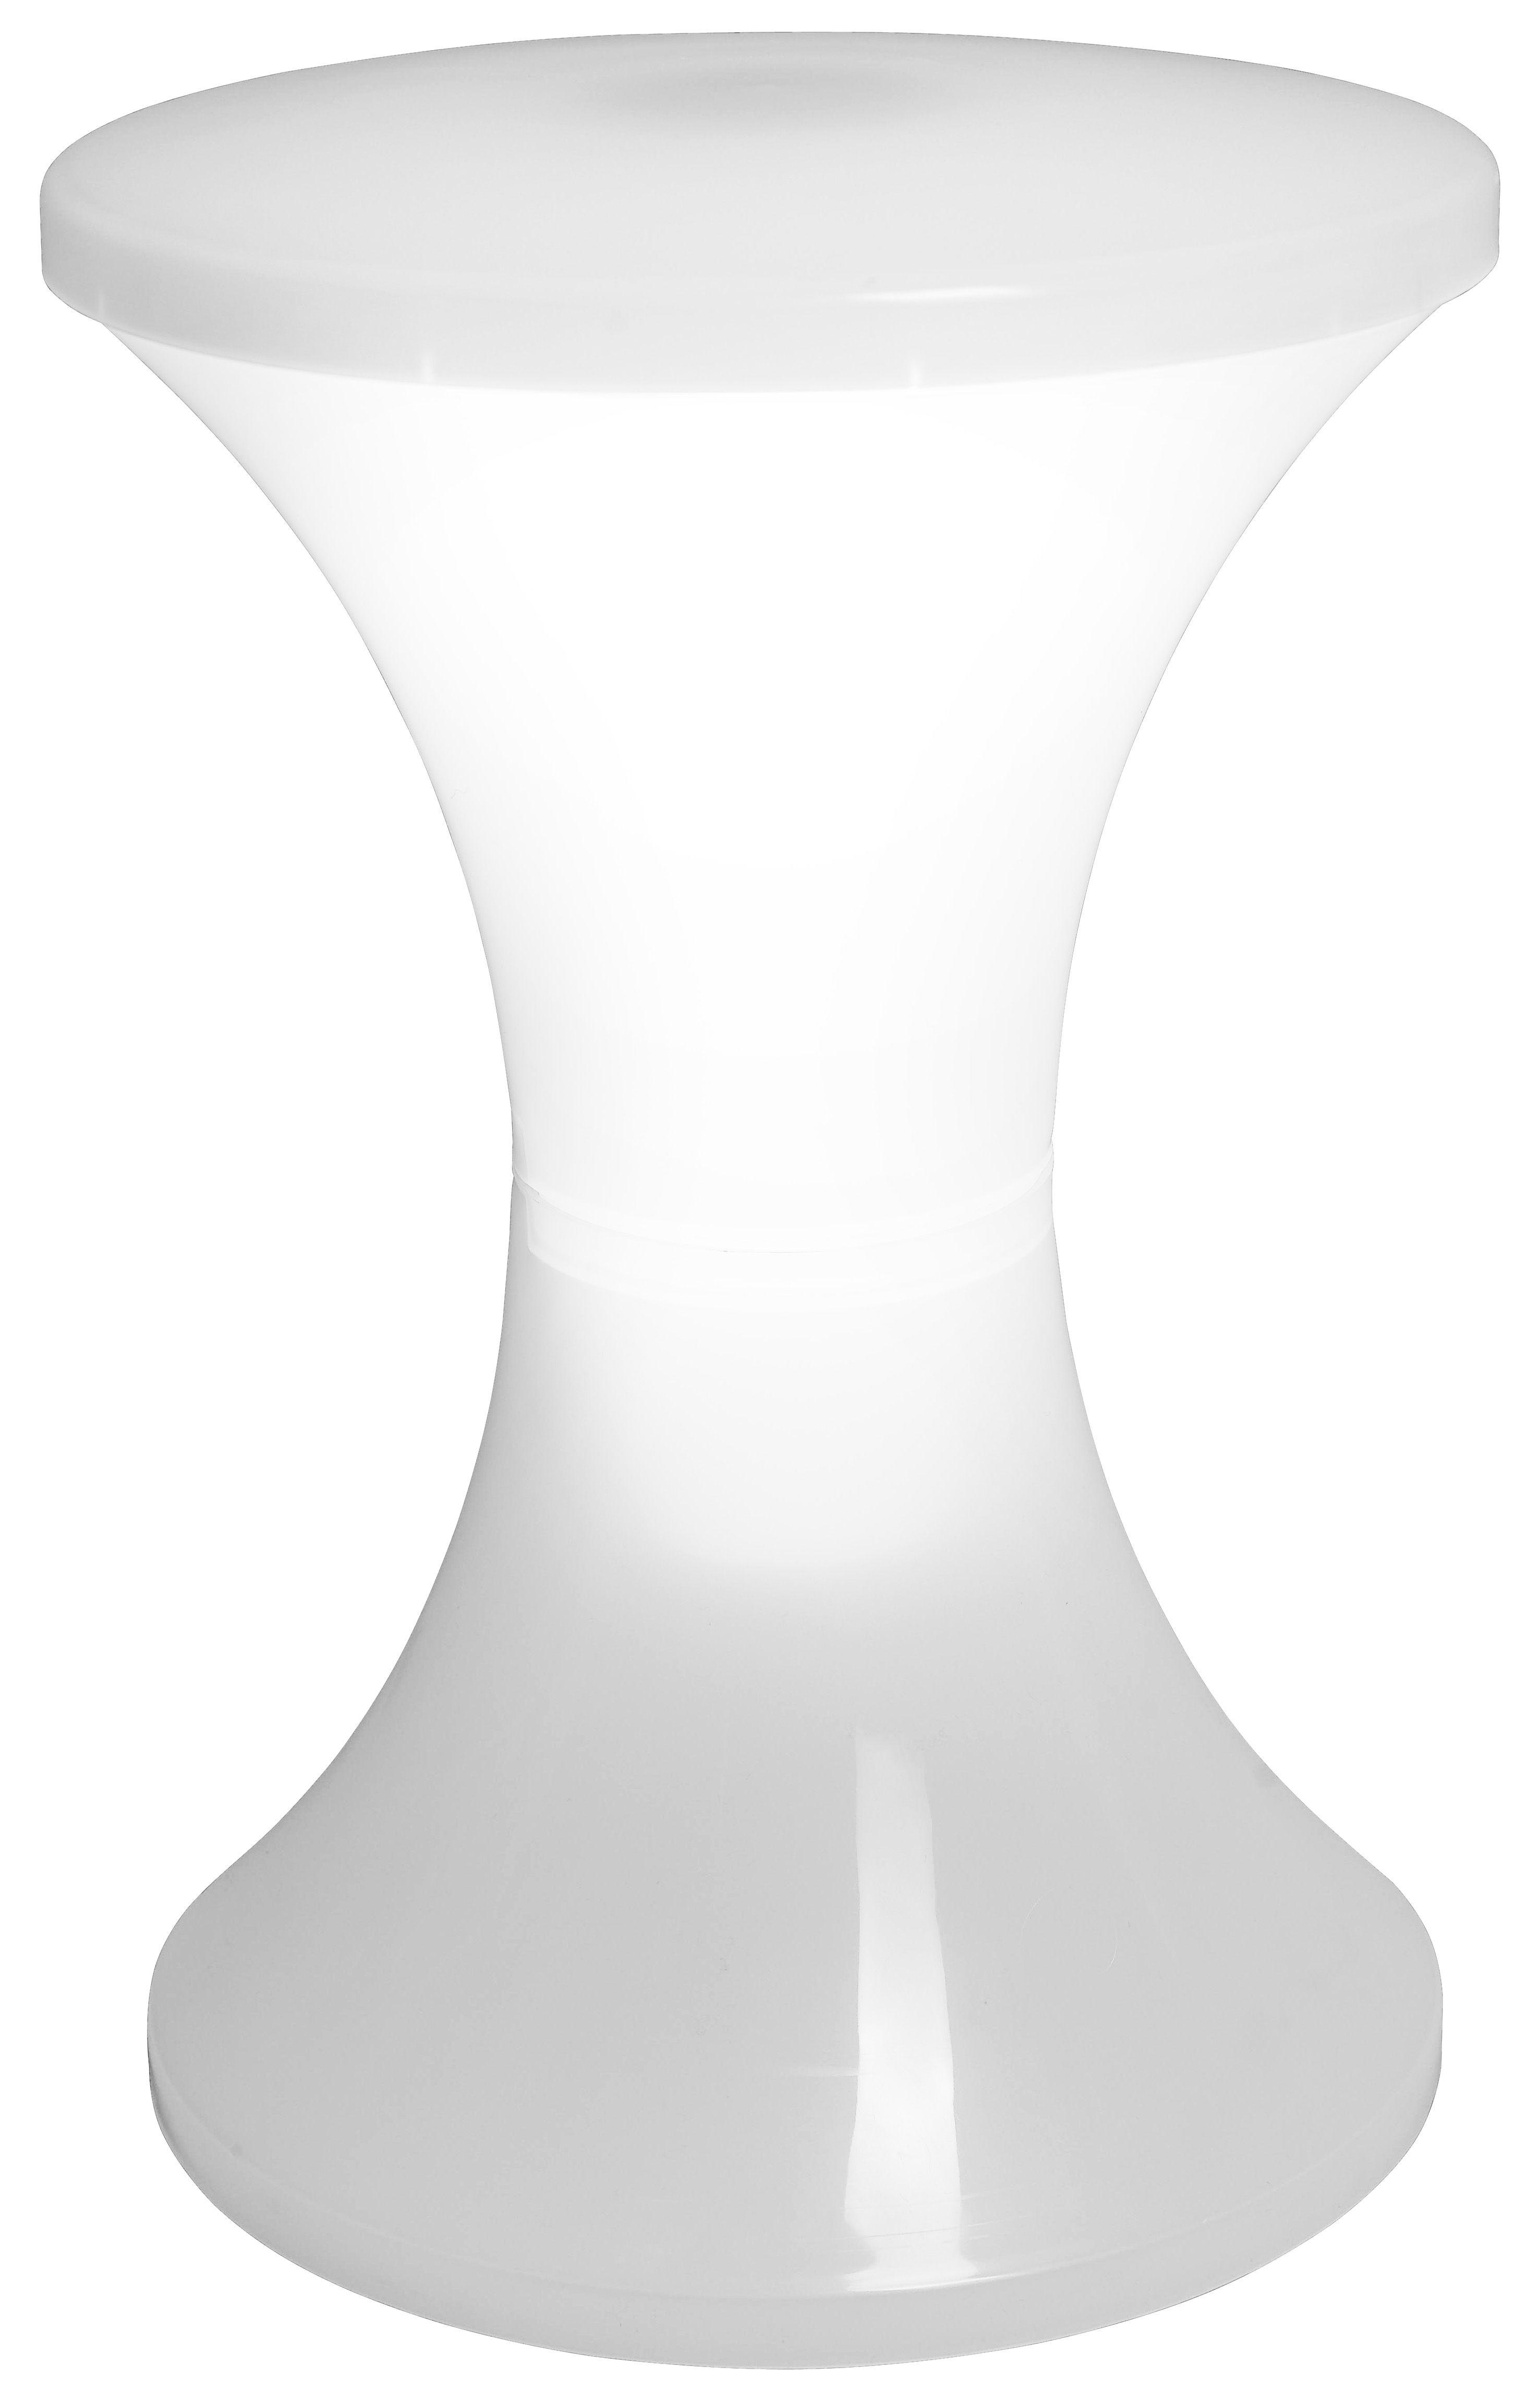 Mobilier - Mobilier Kids - Tabouret lumineux Tamlight LED - Stamp Edition - Blanc - Polypropylène